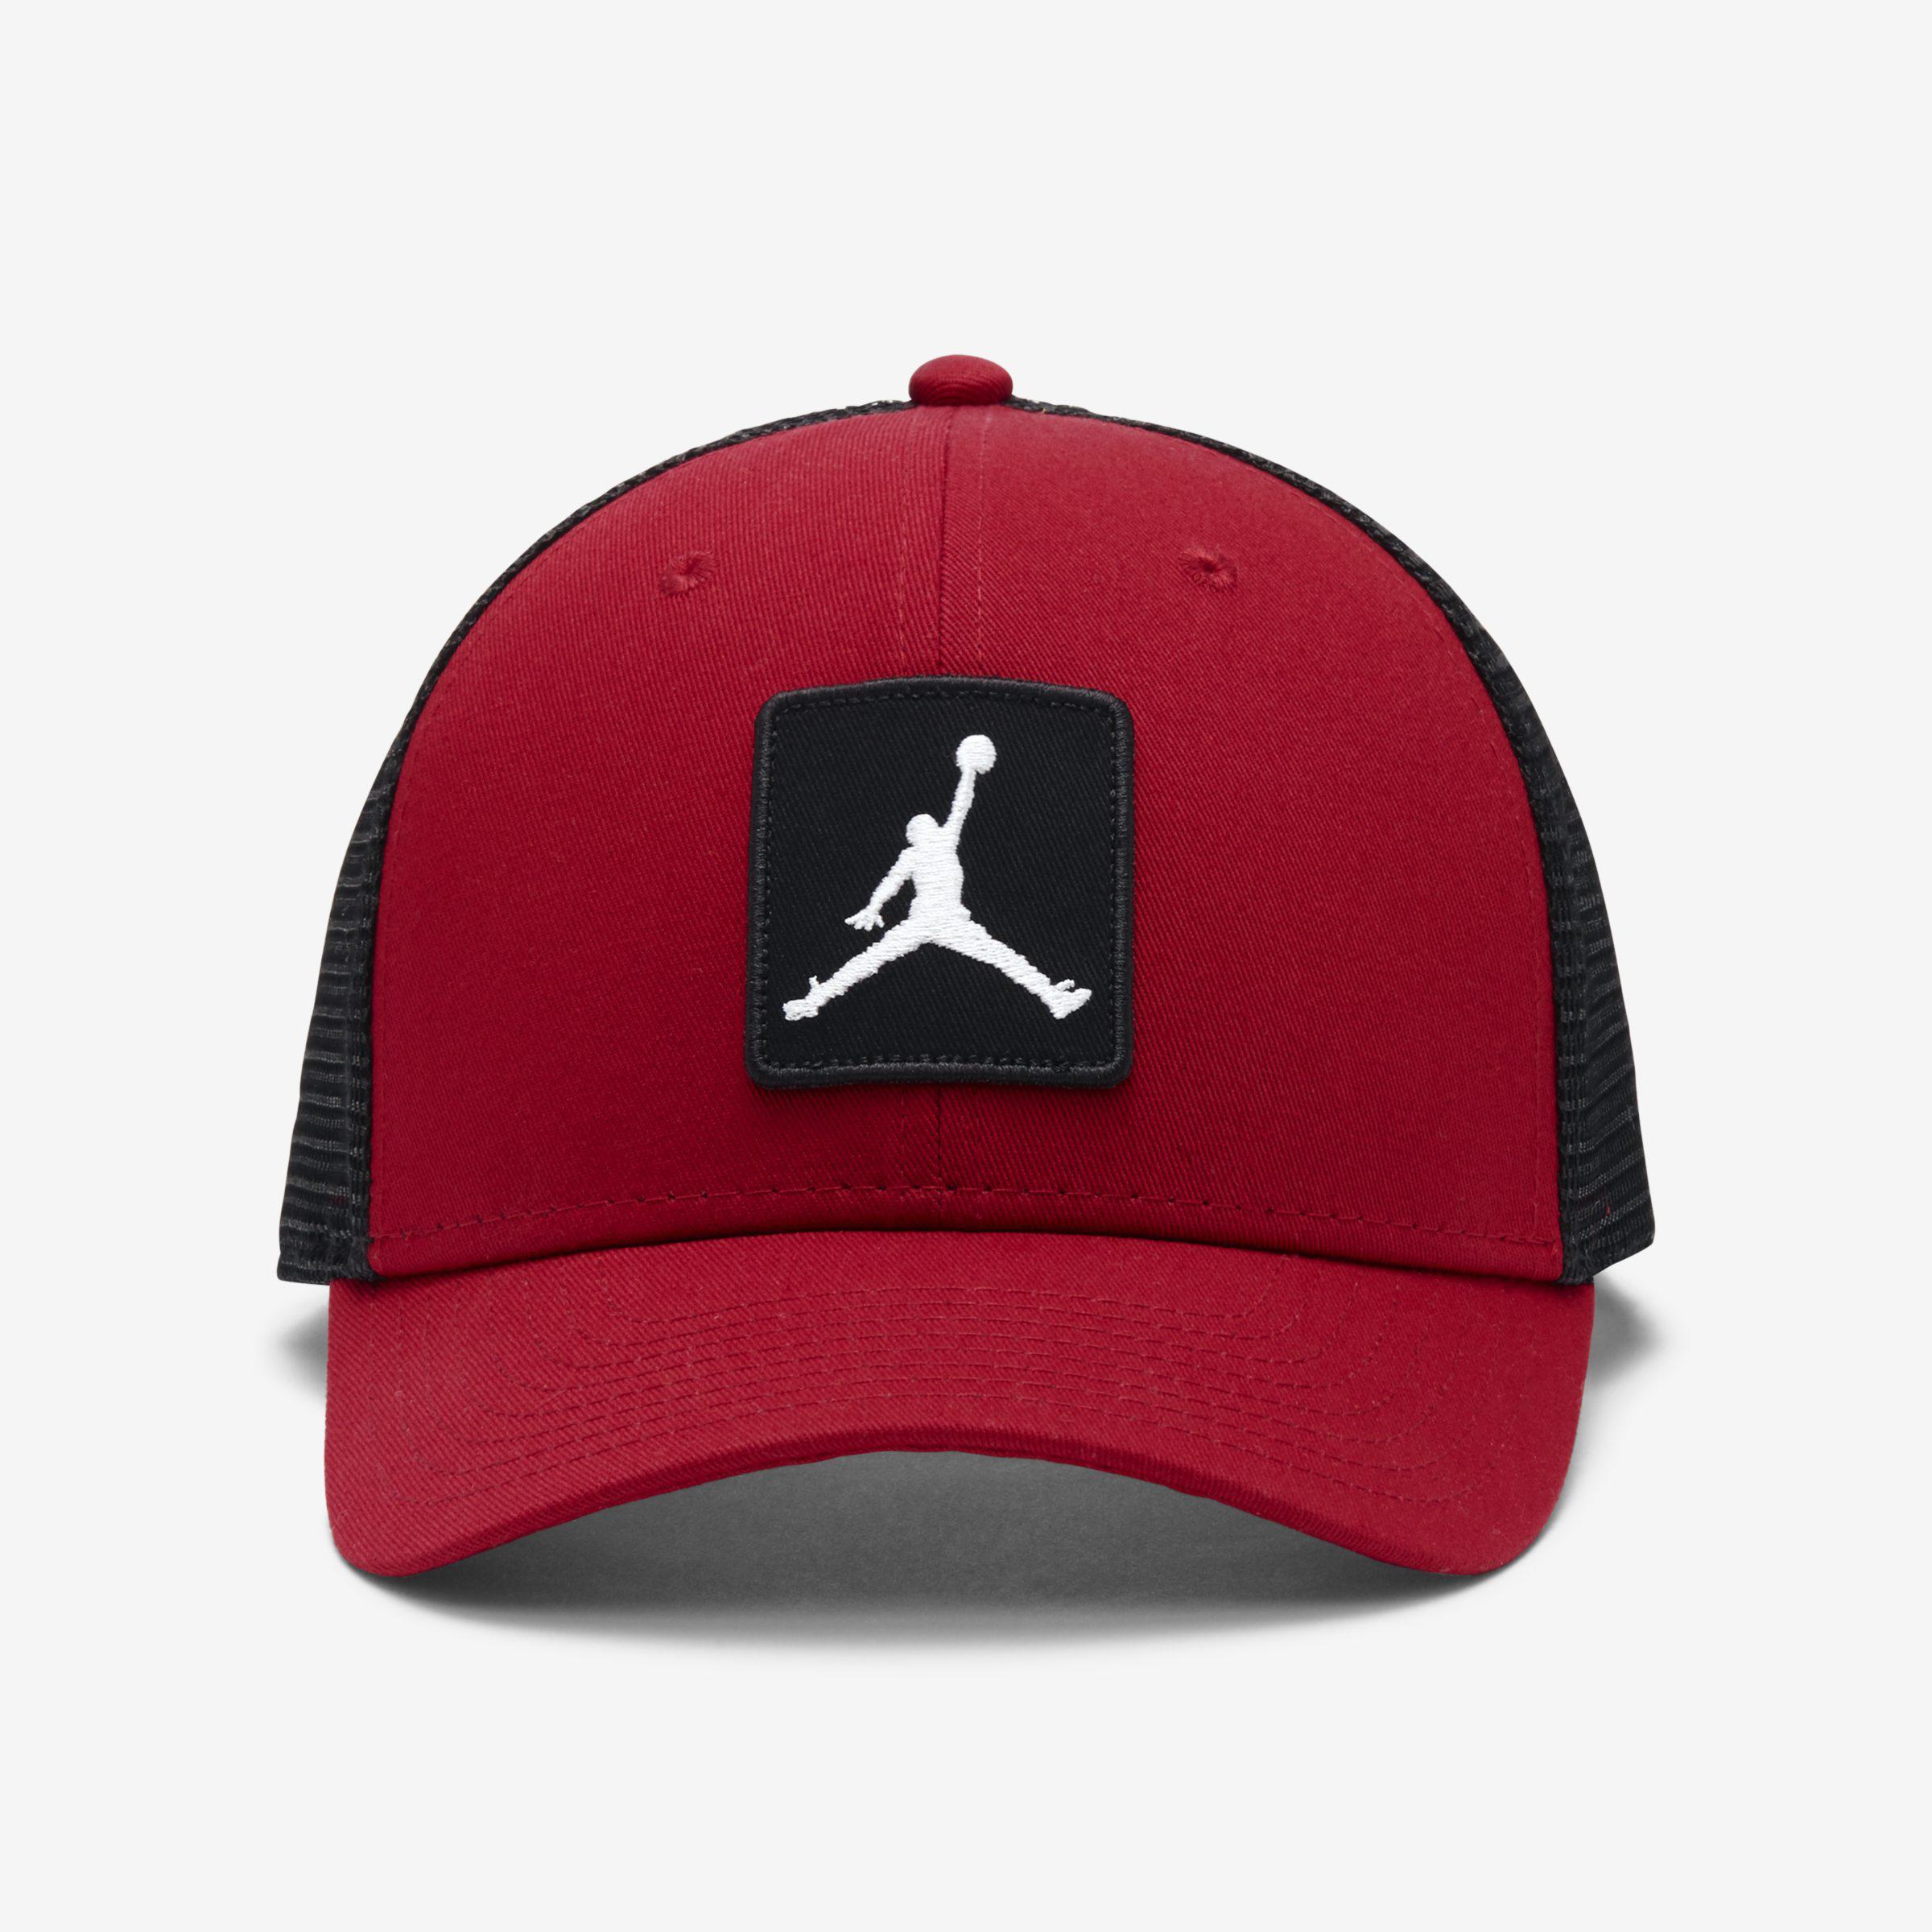 the best attitude c3817 eee38 Nike Jordan Jumpman Classic99 Trucker Adjustable Hat in Red for Men ...